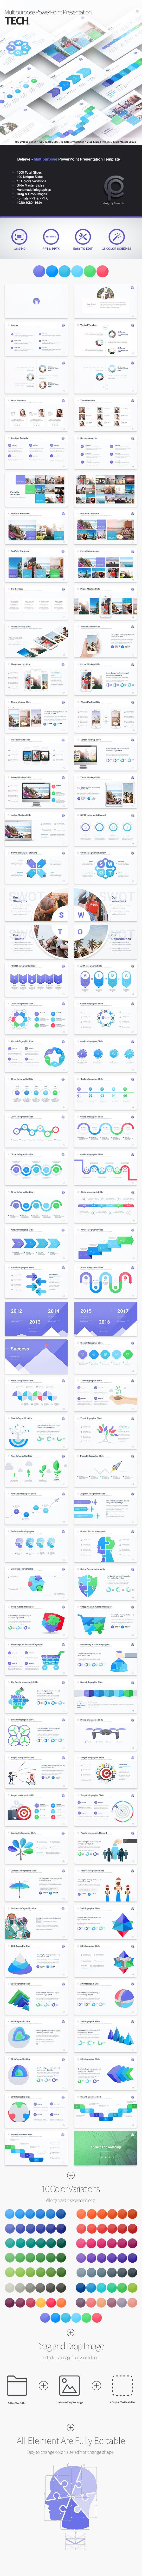 Tech - Multipurpose PowerPoint Presentation Template - 100 Unique Slides